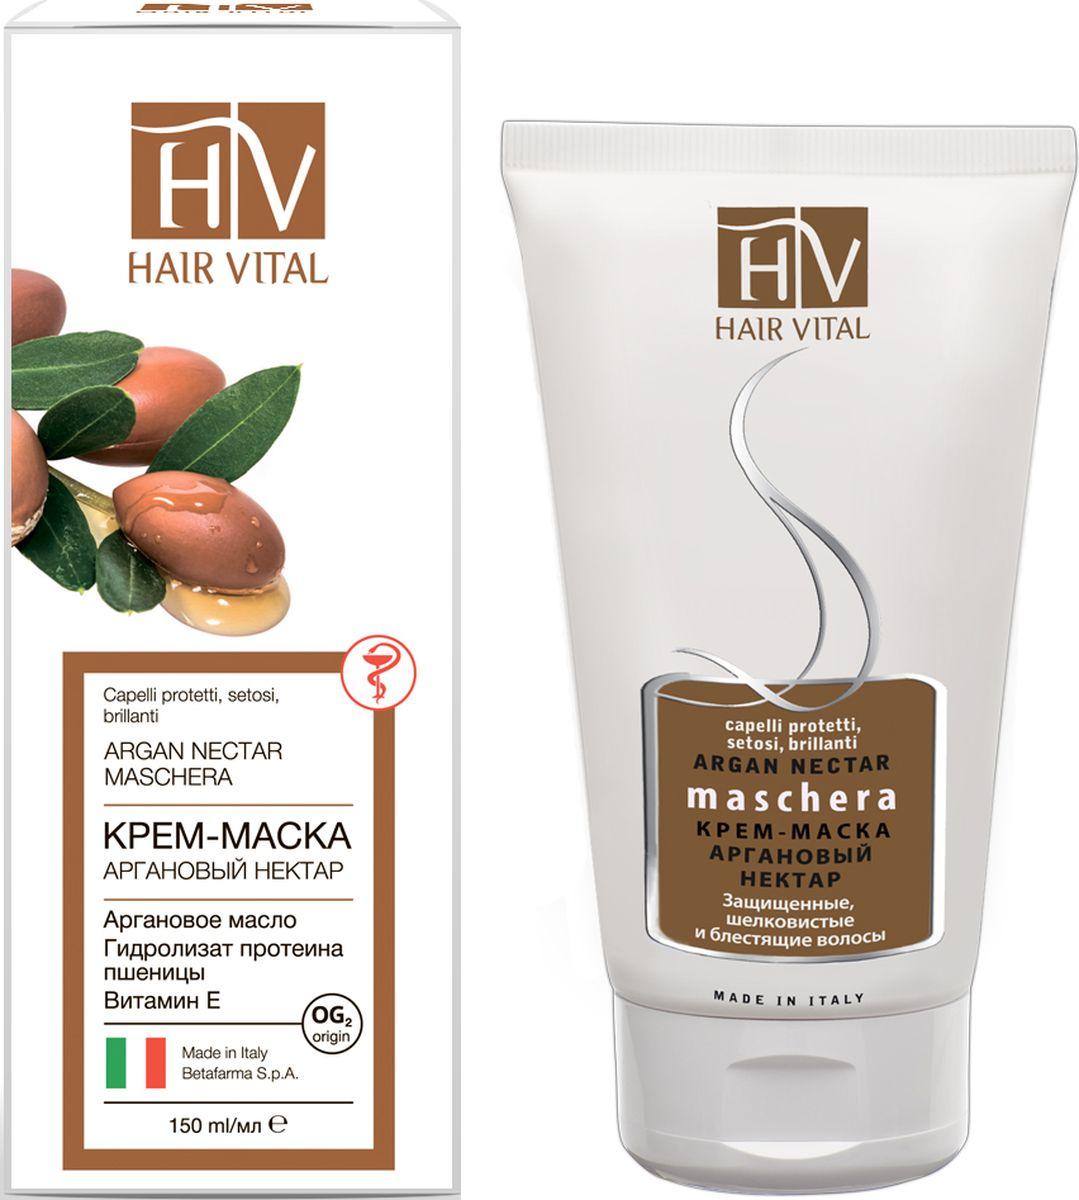 Hair Vital Крем-маска Аргановый нектар, 150 мл шампунь аргановый нектар hair vital